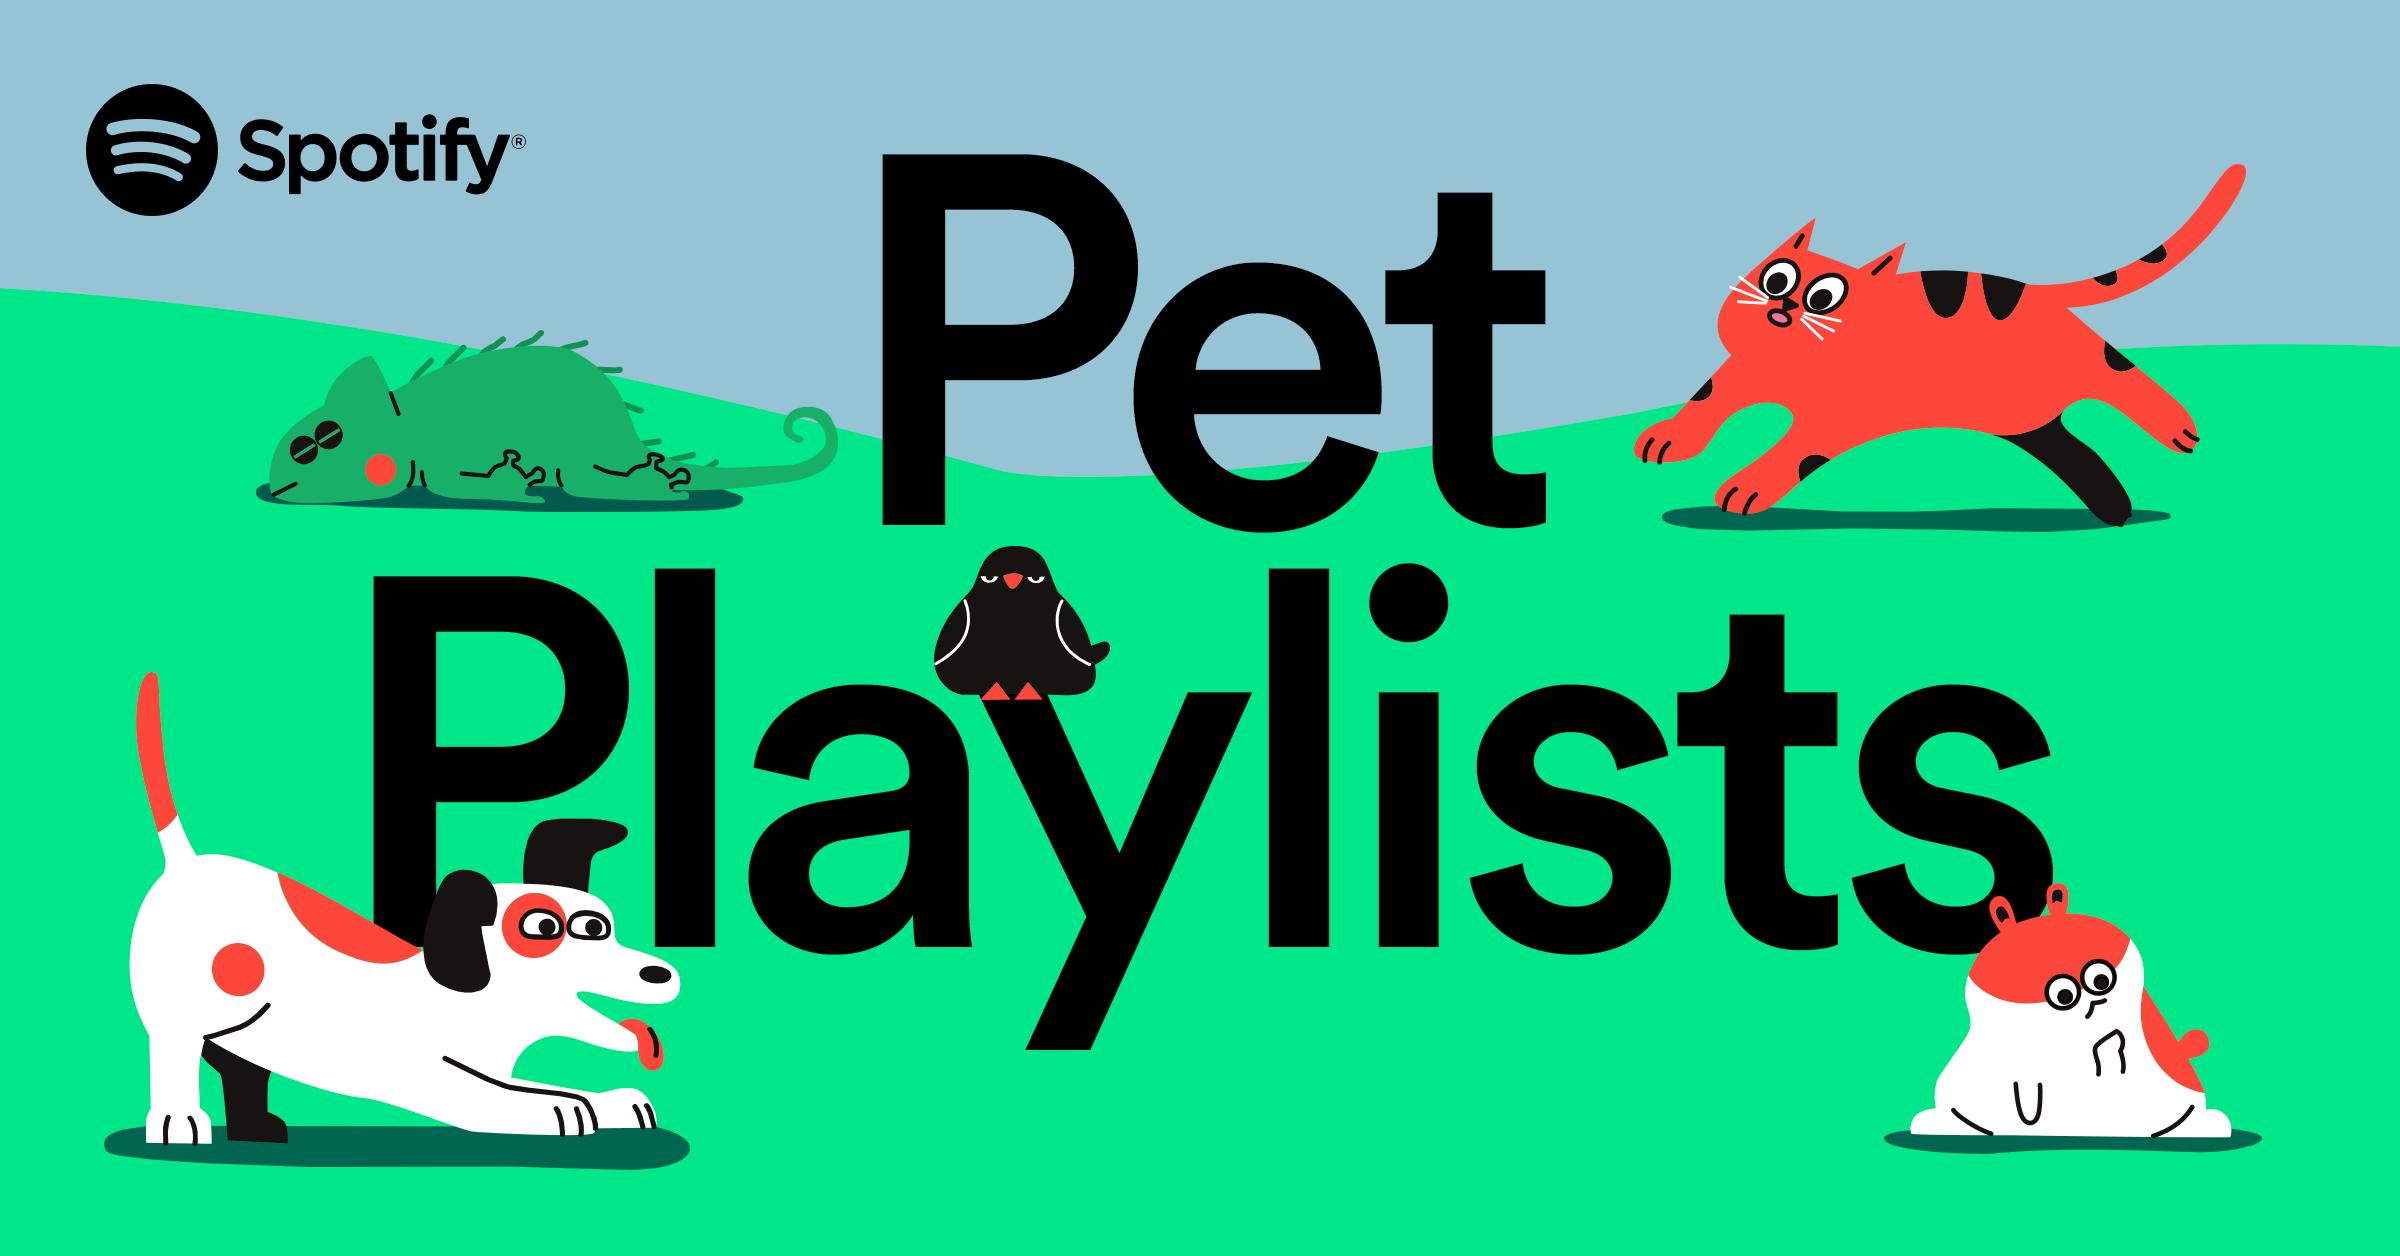 Clientes Spotify Premium do Reino Unido podem obter um alto-falante Google Nest grátis